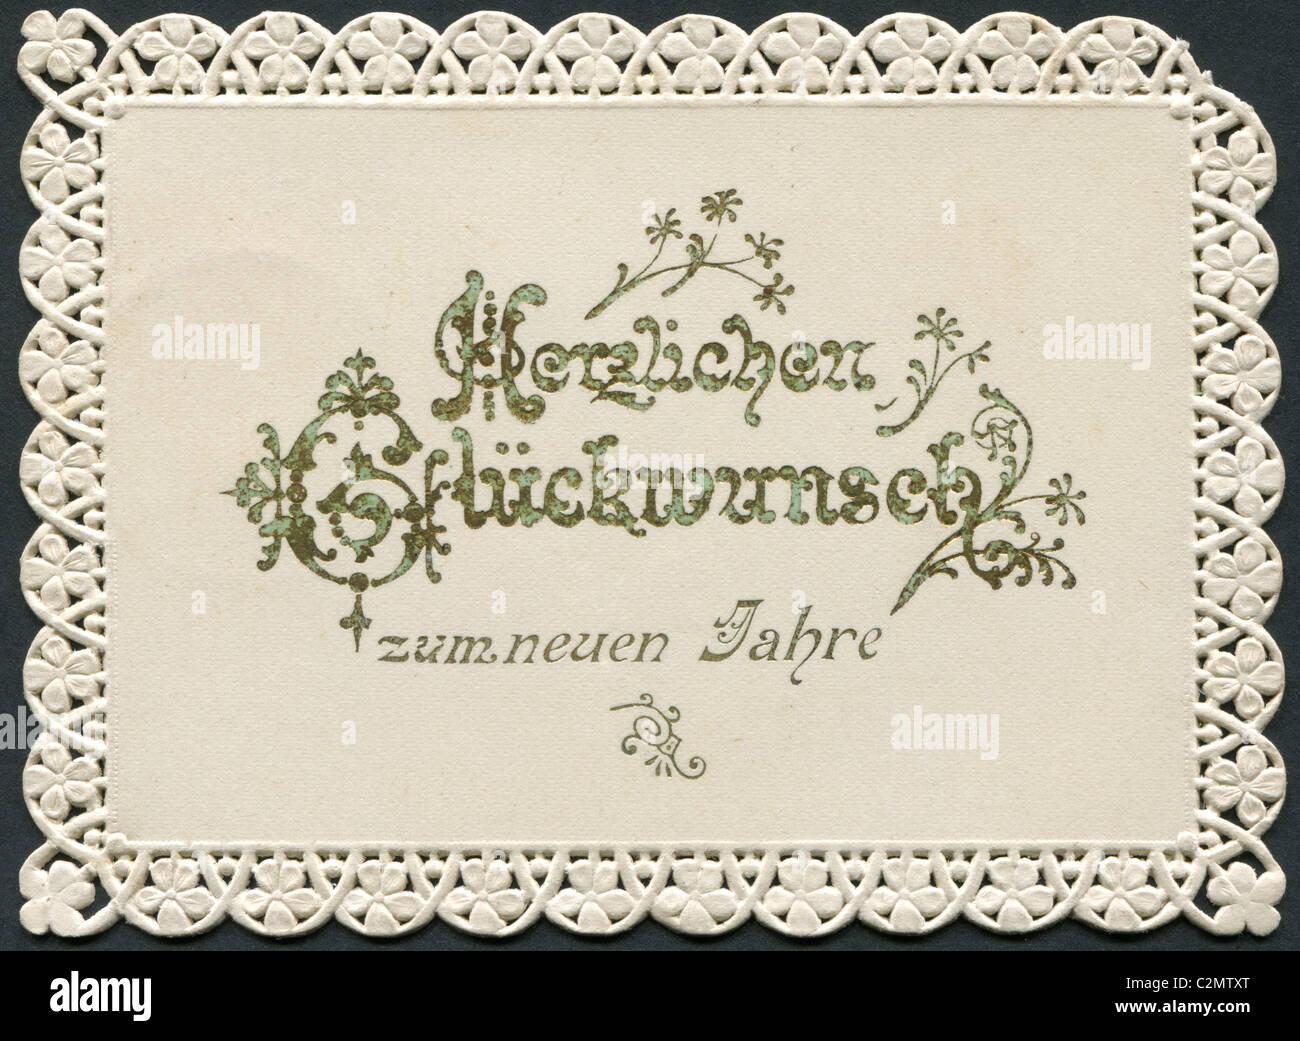 Alte deutsche Gruß. Frohes neues Jahr! Stockfoto, Bild: 36108656 - Alamy